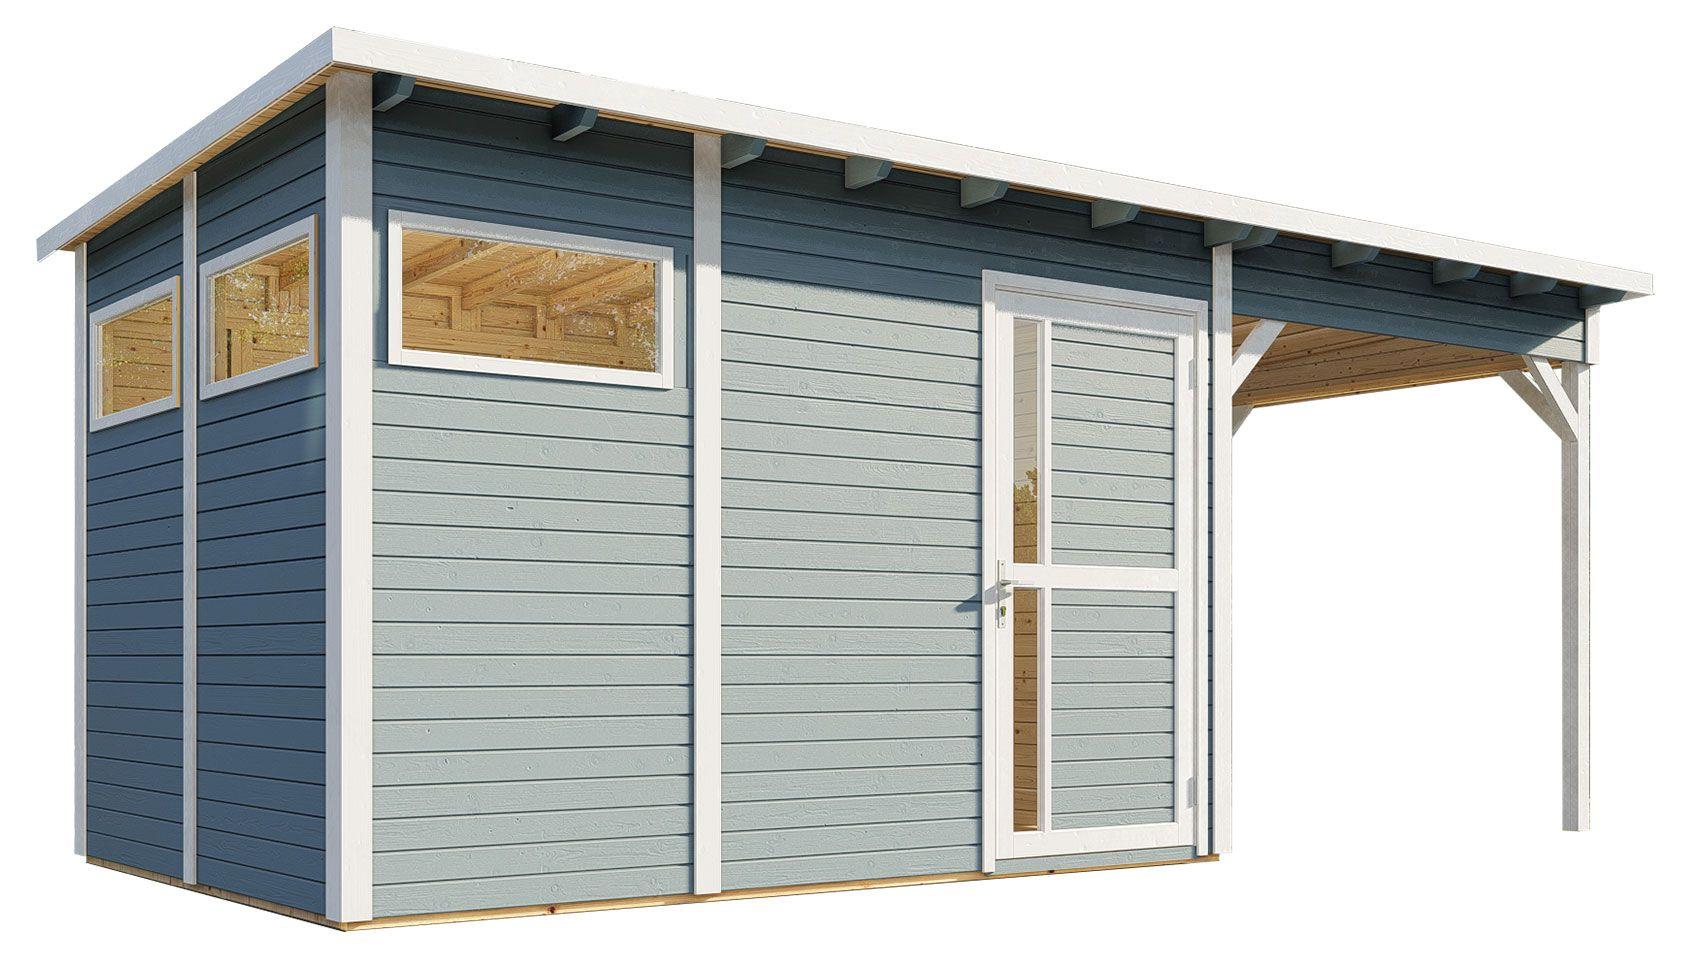 Gartenhaus Kiel 03 mit Anbaudach inkl. Fußboden und Dachpappe, Hellgrau lackiert - 19 mm Elementgartenhaus, Nutzfläche: 7,70 m², Flachdach